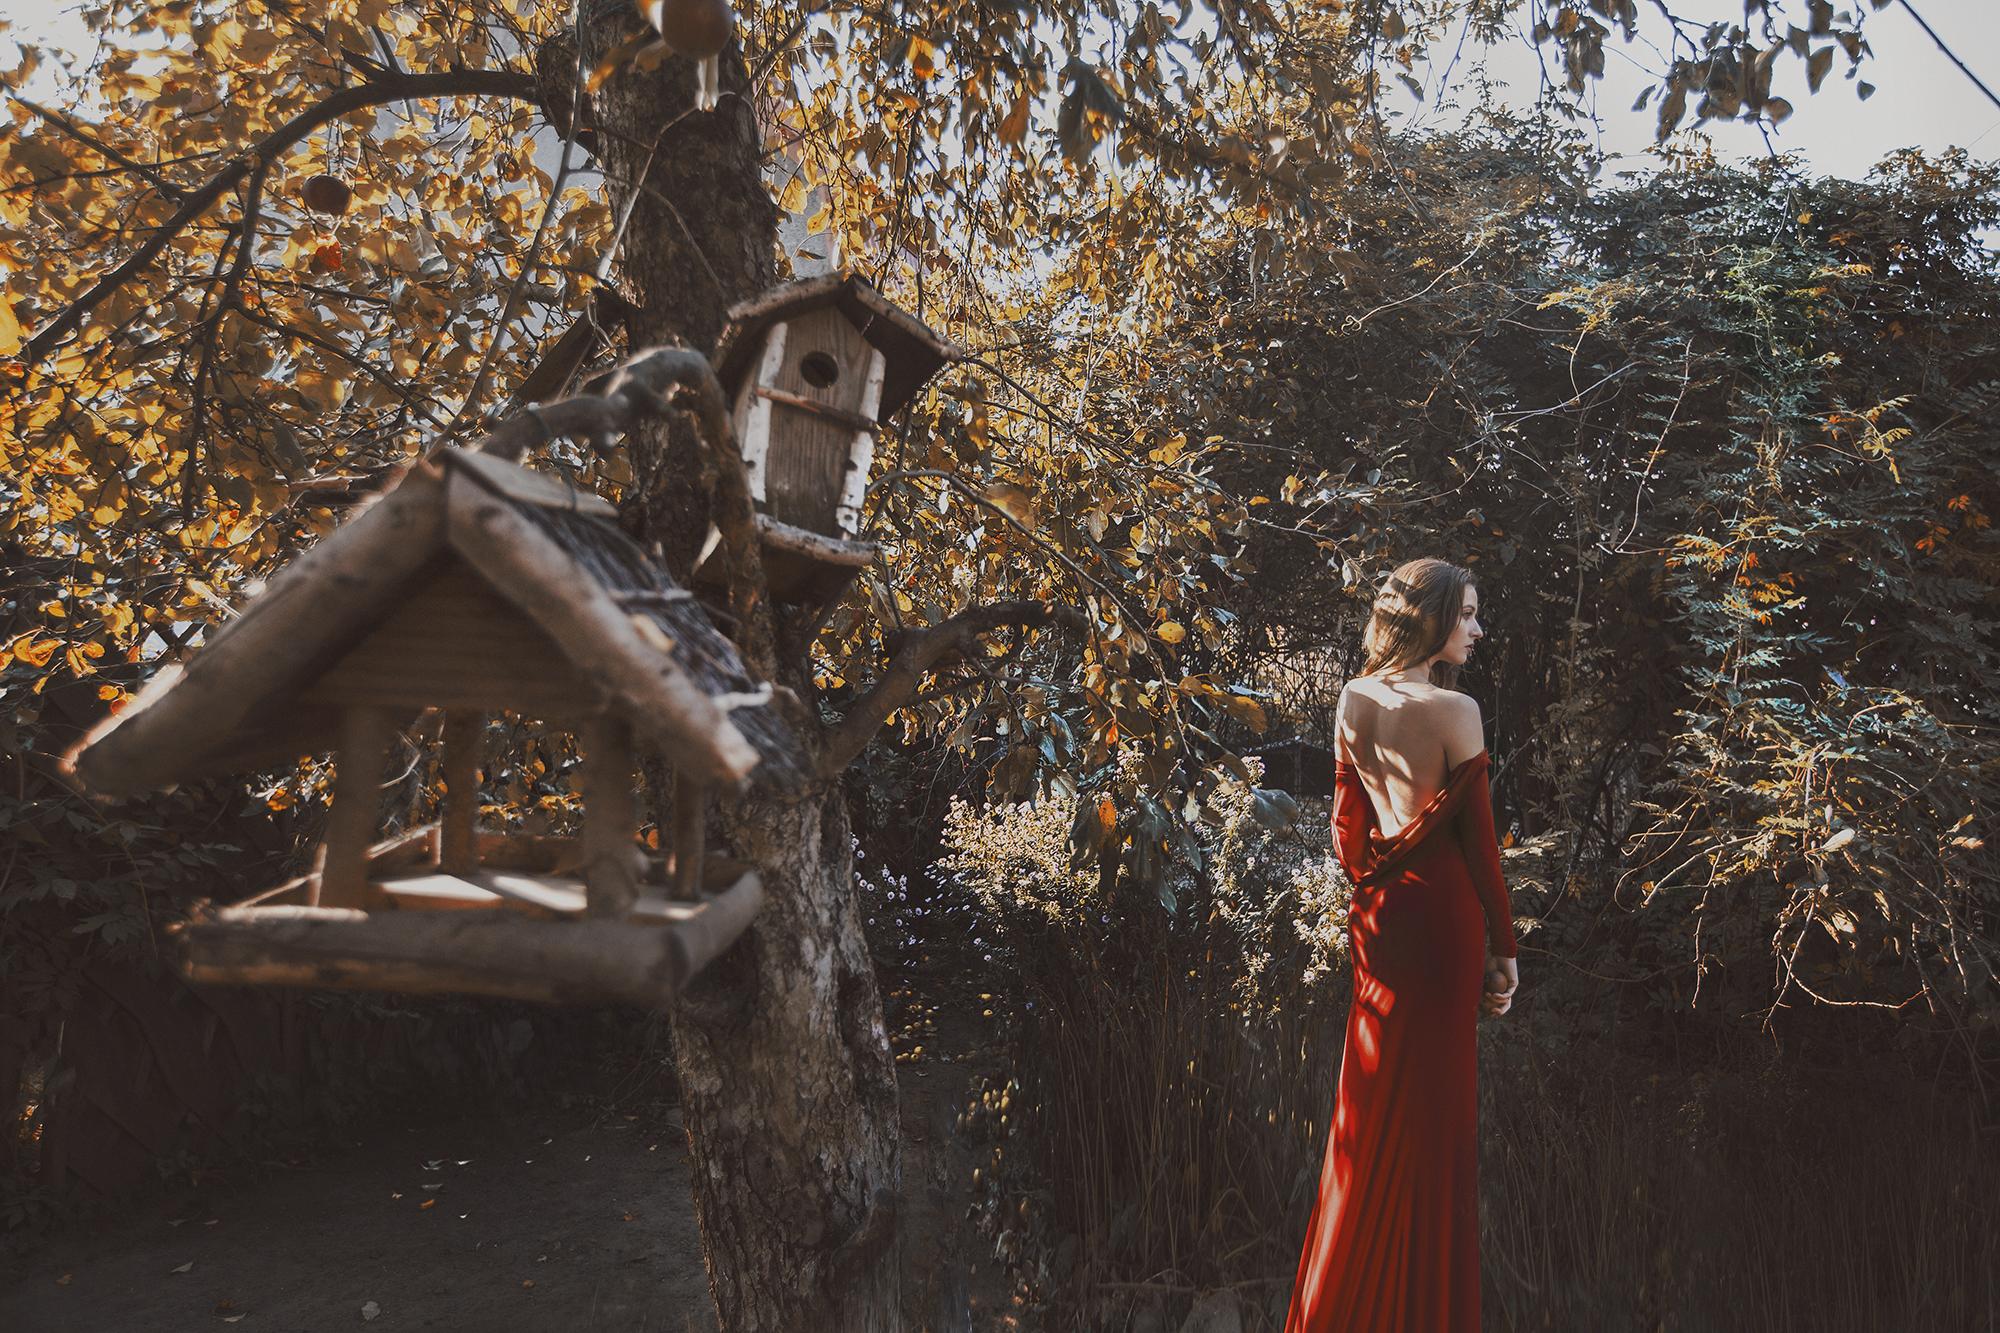 czerwona sukienka1 m